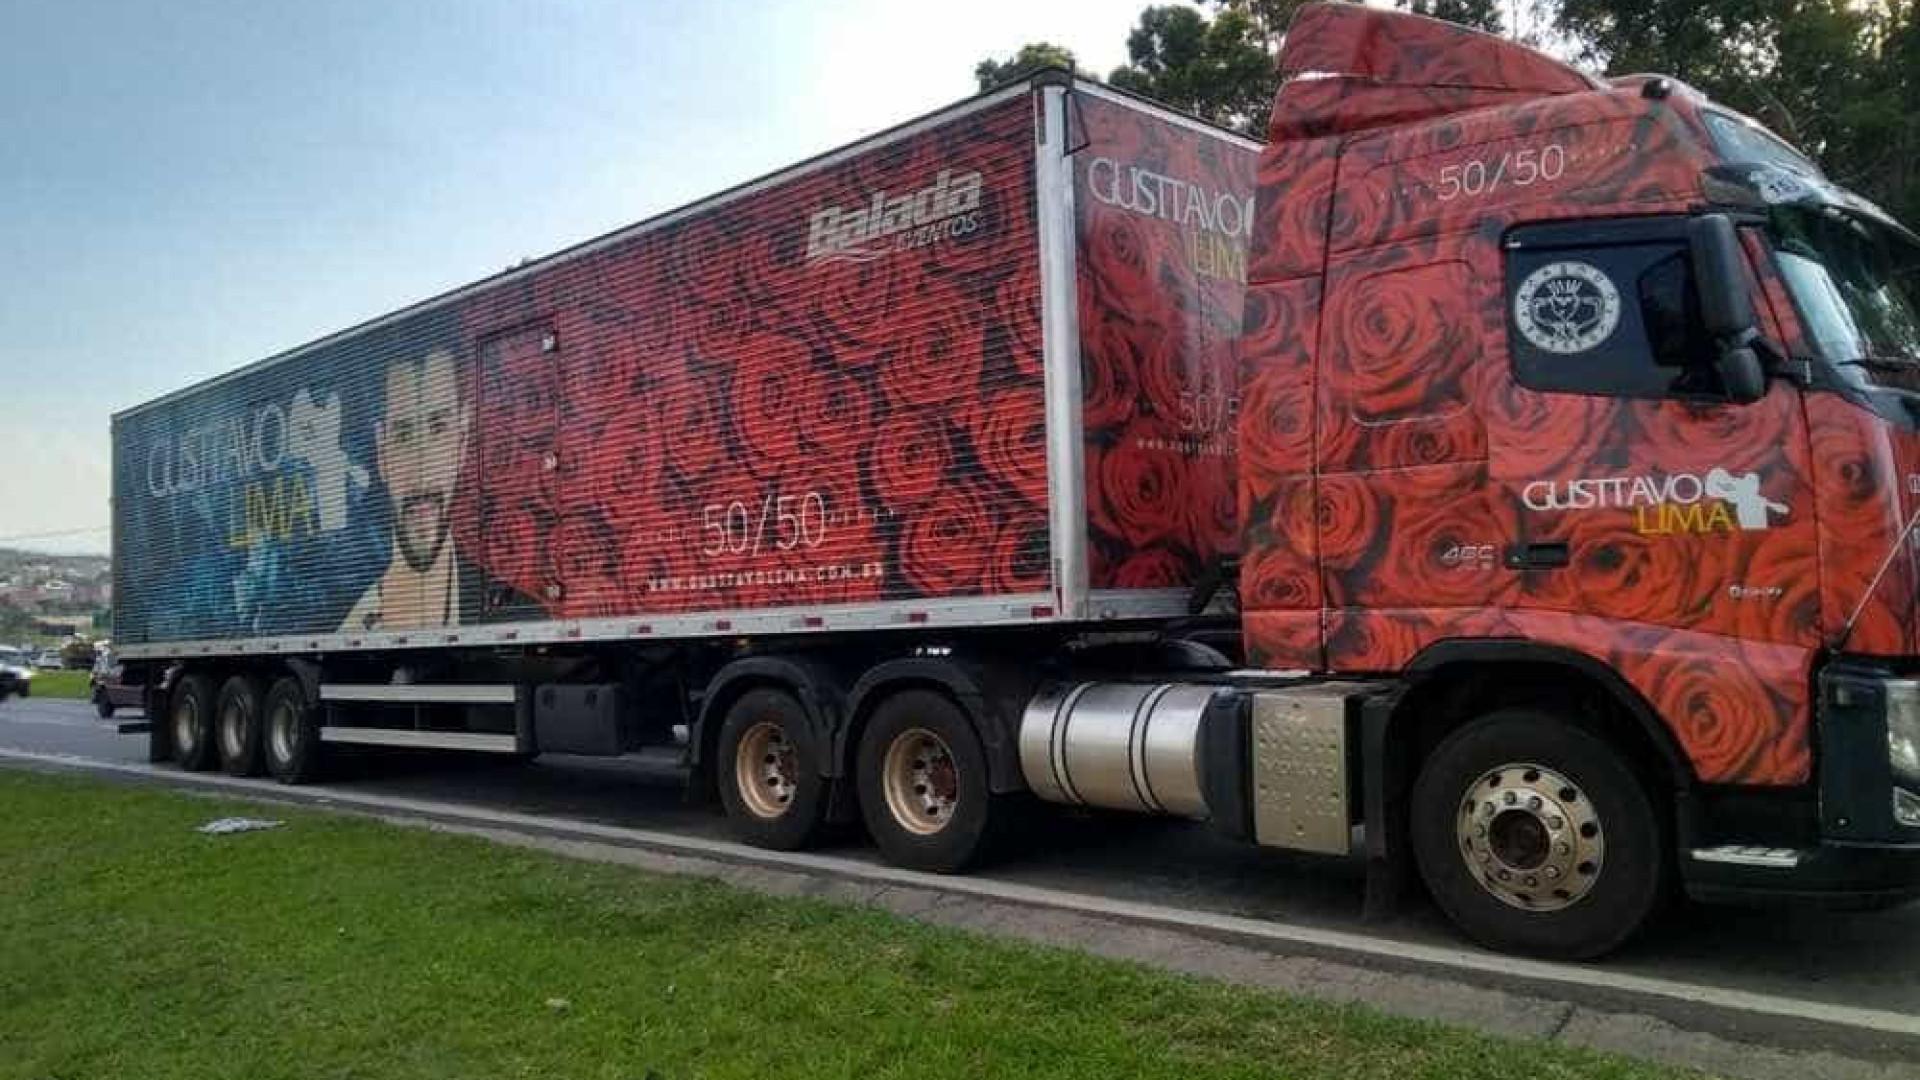 Caminhão do cantor Gusttavo Lima é alvo de criminosos em rodovia de SP